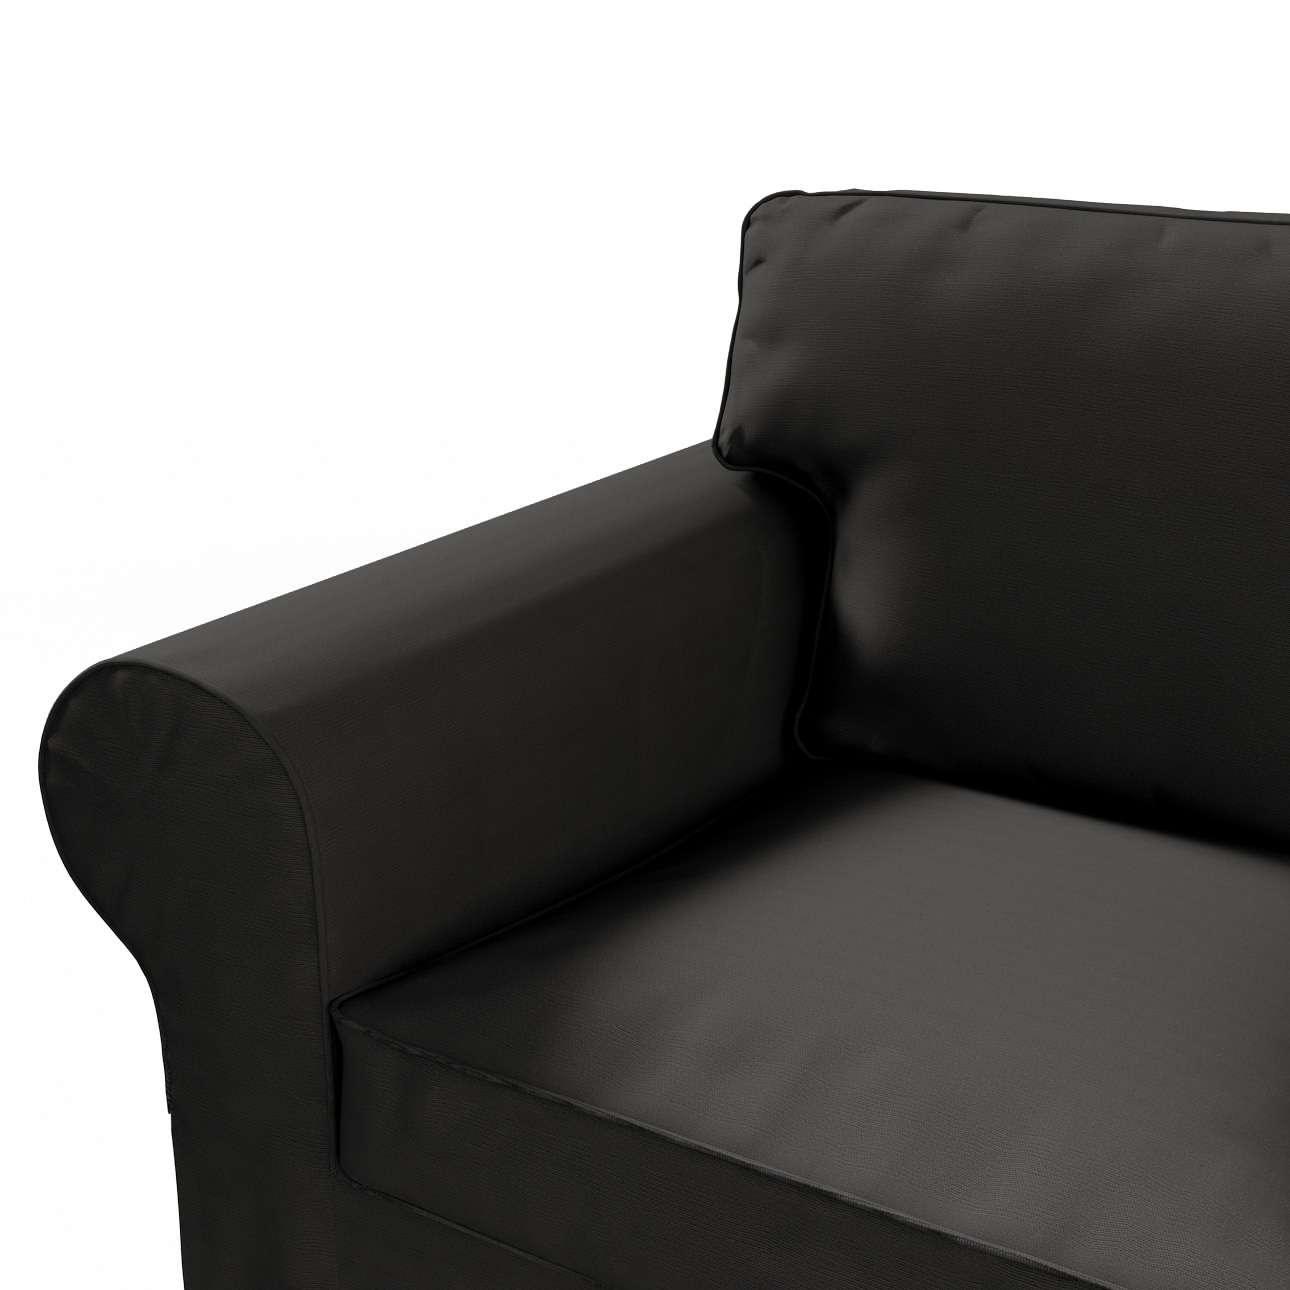 Potah na pohovku IKEA  Ektorp 2-místná, nerozkládací pohovka Ektorp 2-místná v kolekci Cotton Panama, látka: 702-08